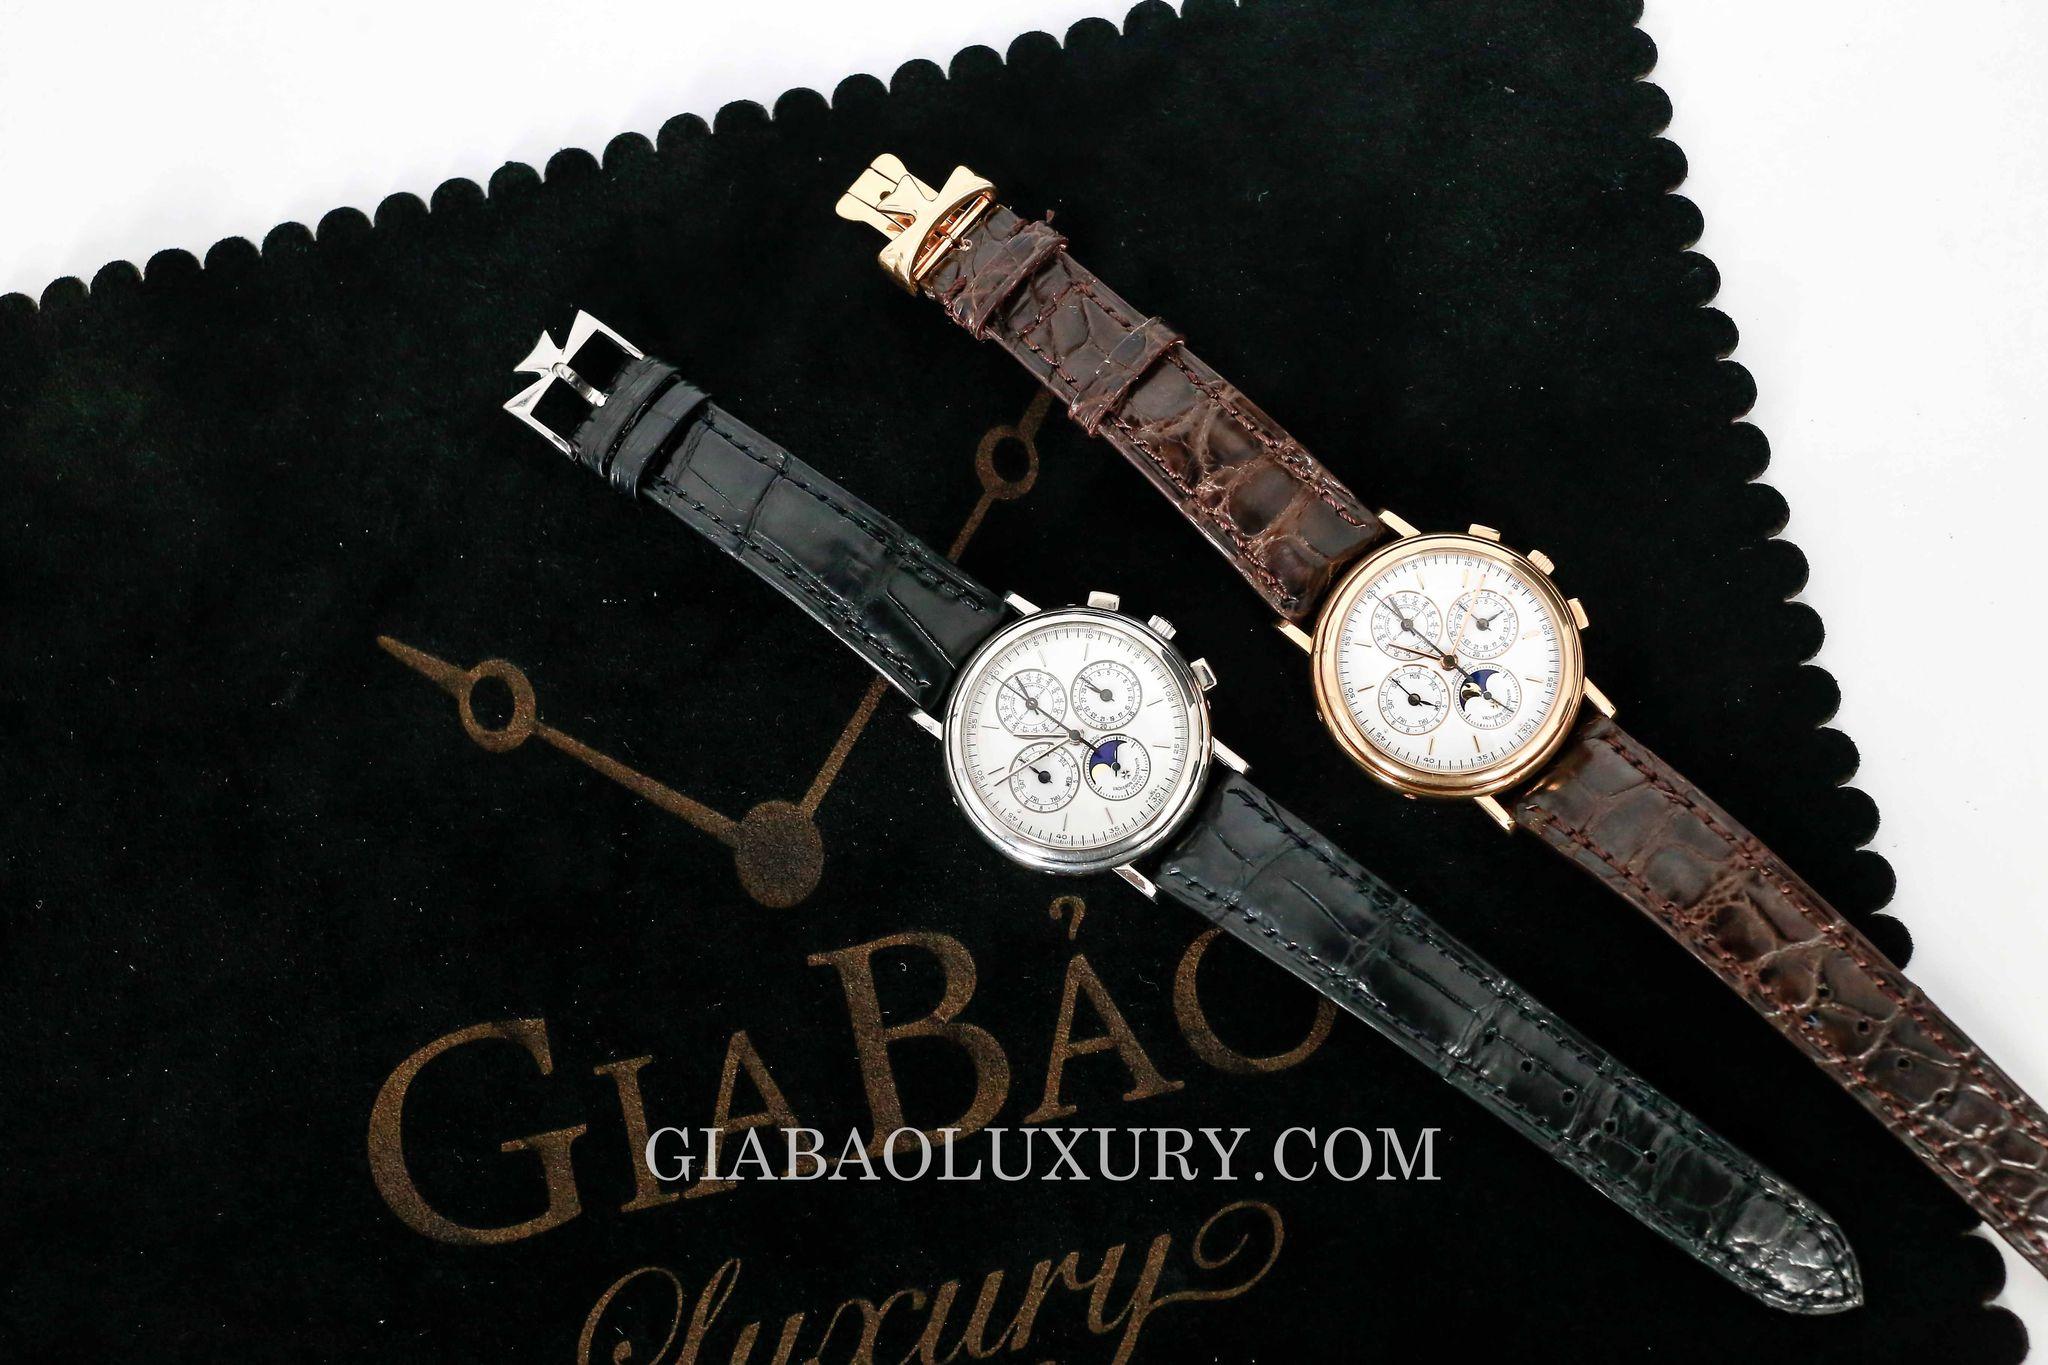 Gia Bảo Luxury cung cấp dịch vụ thu mua đồng hồ chính hãng uy tín trên toàn quốc